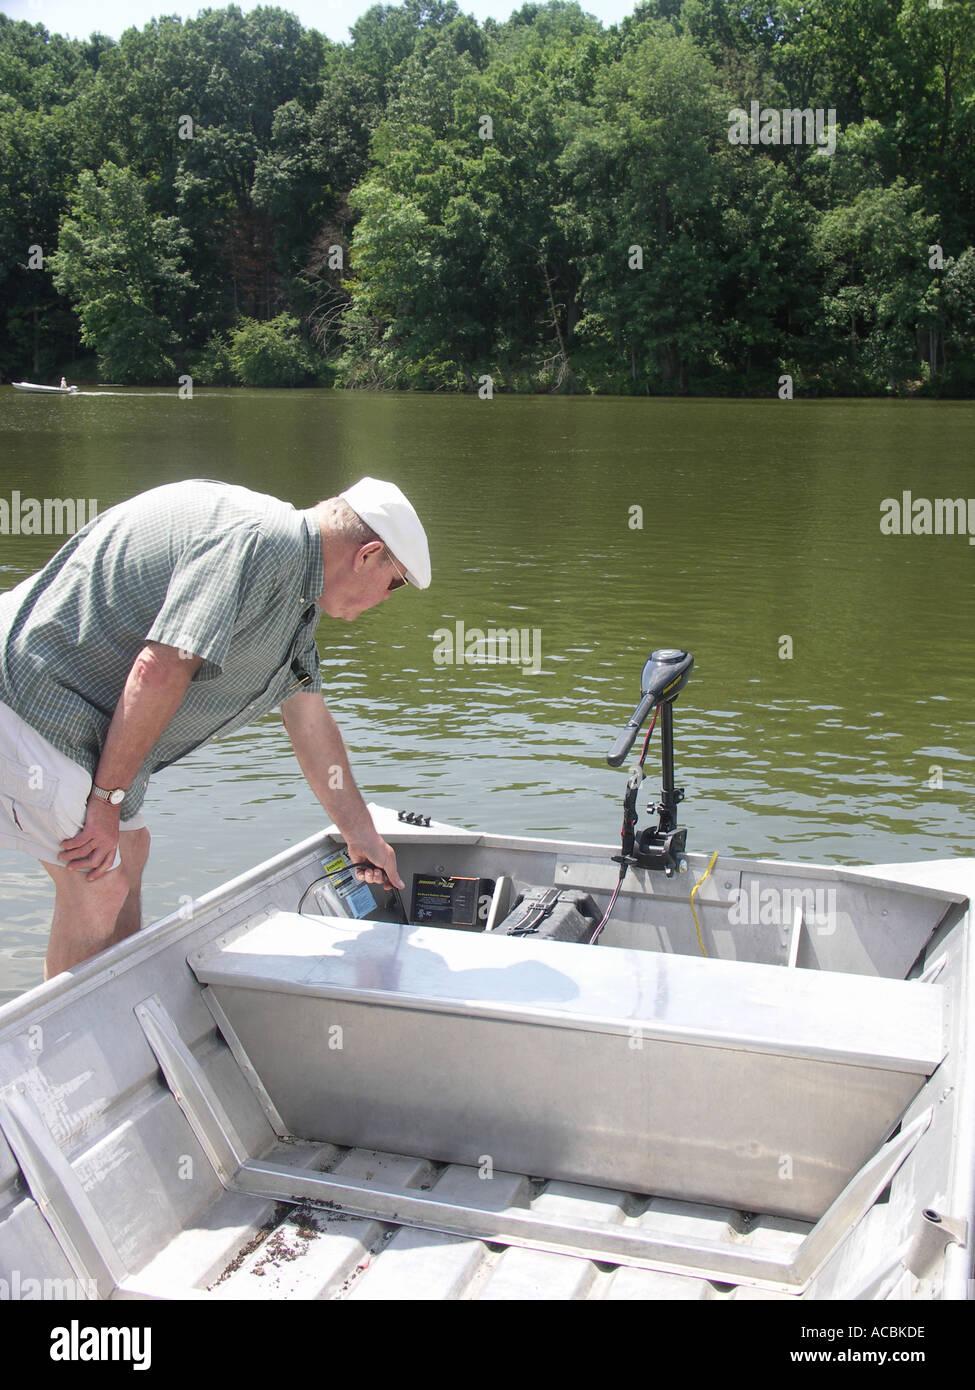 Man Checking Small Boat - Stock Image